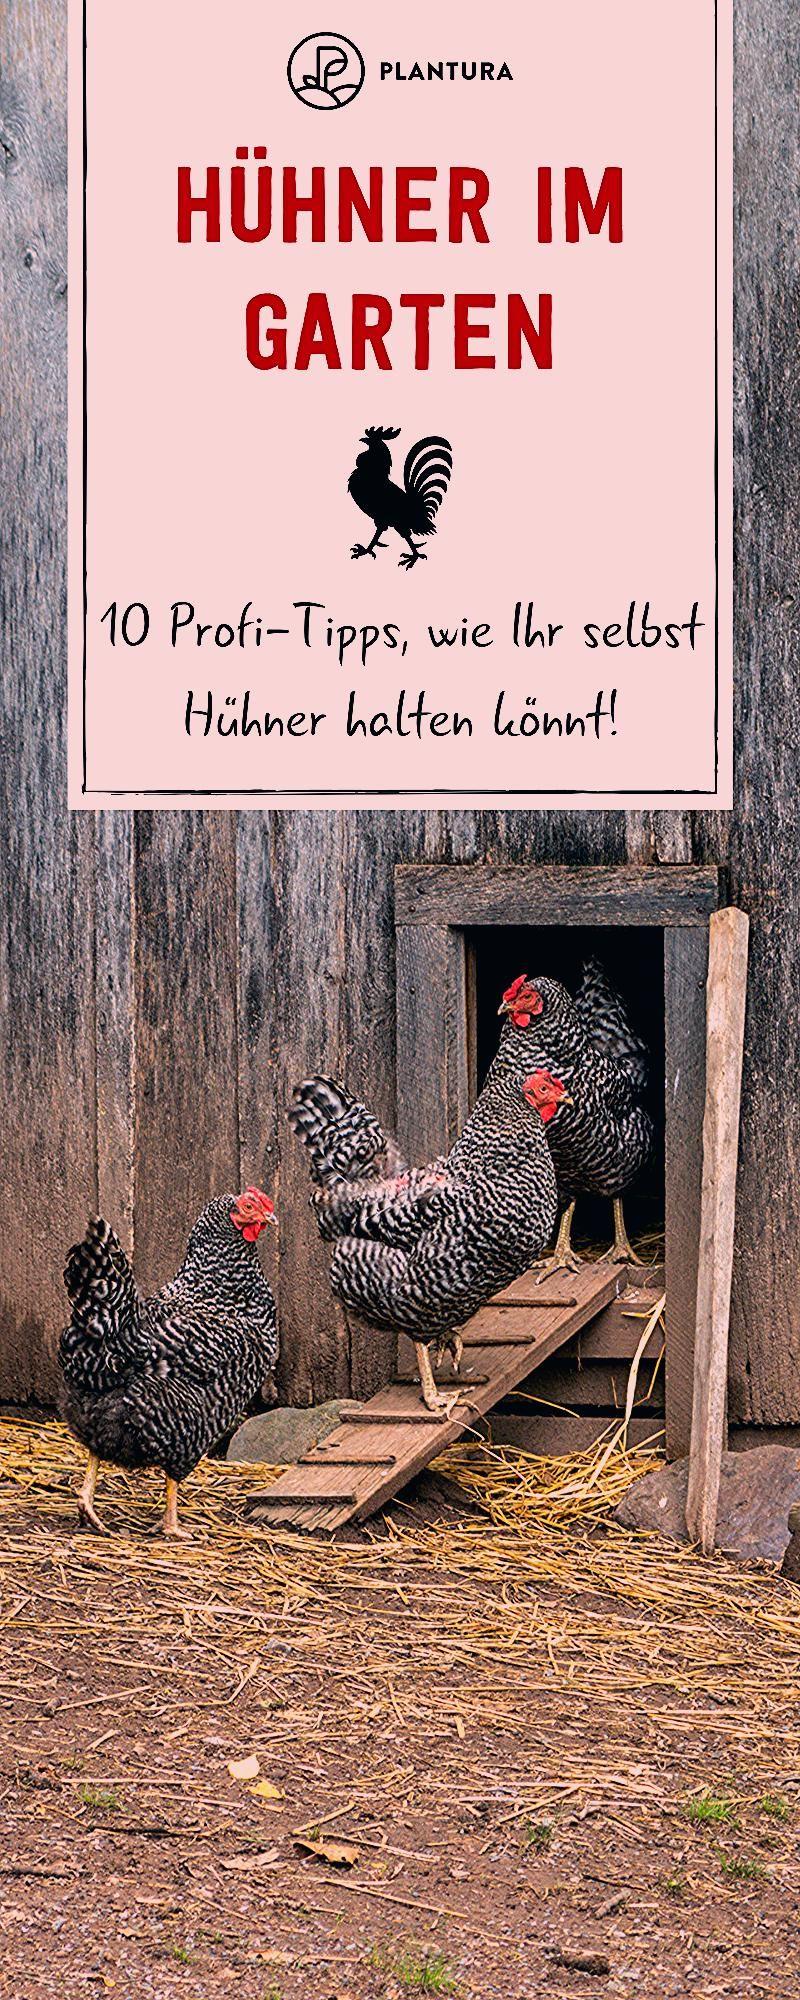 Photo of Hühner im Garten: 10 Profi-Tipps zur richtigen Haltung – Plantura